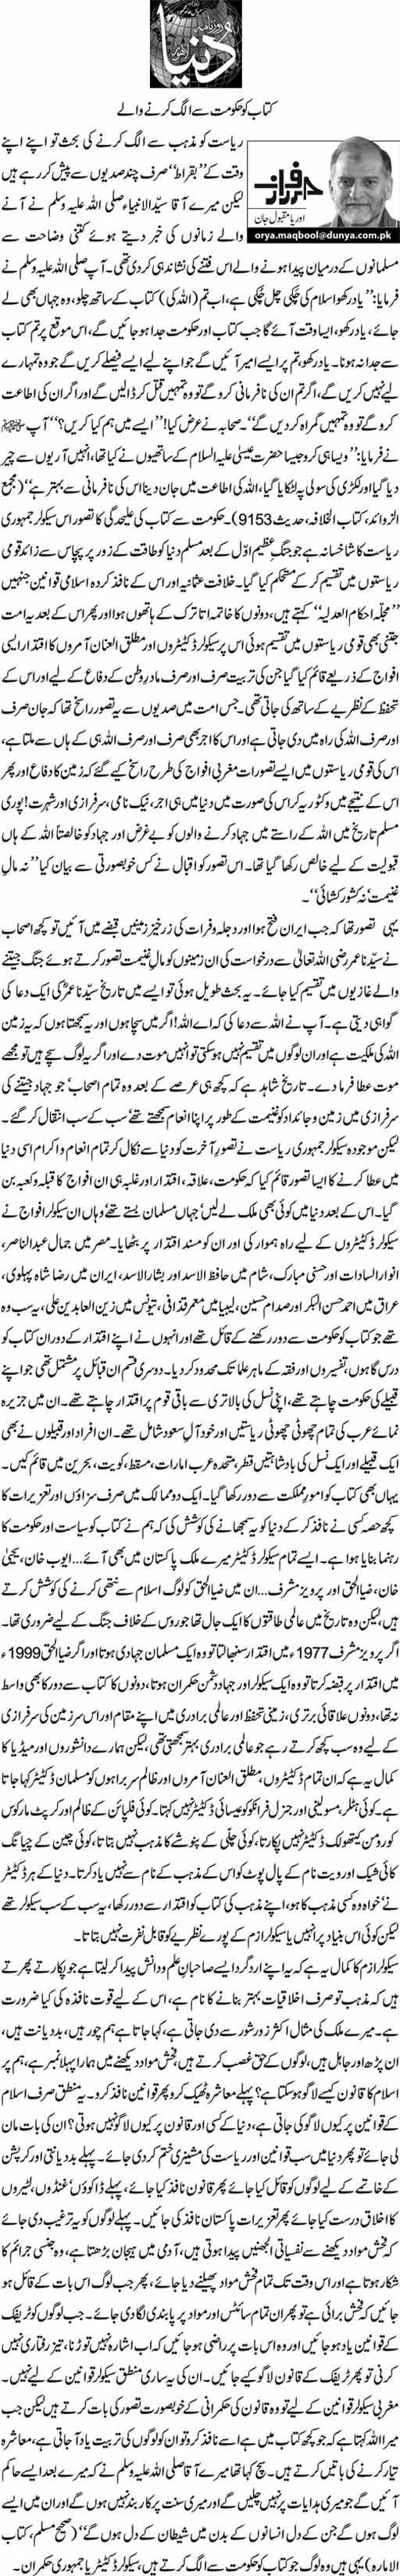 orya maqbool jan5 Kitab Ko Hukumat Say Alag Karnay Walay by Orya Maqbool Jan